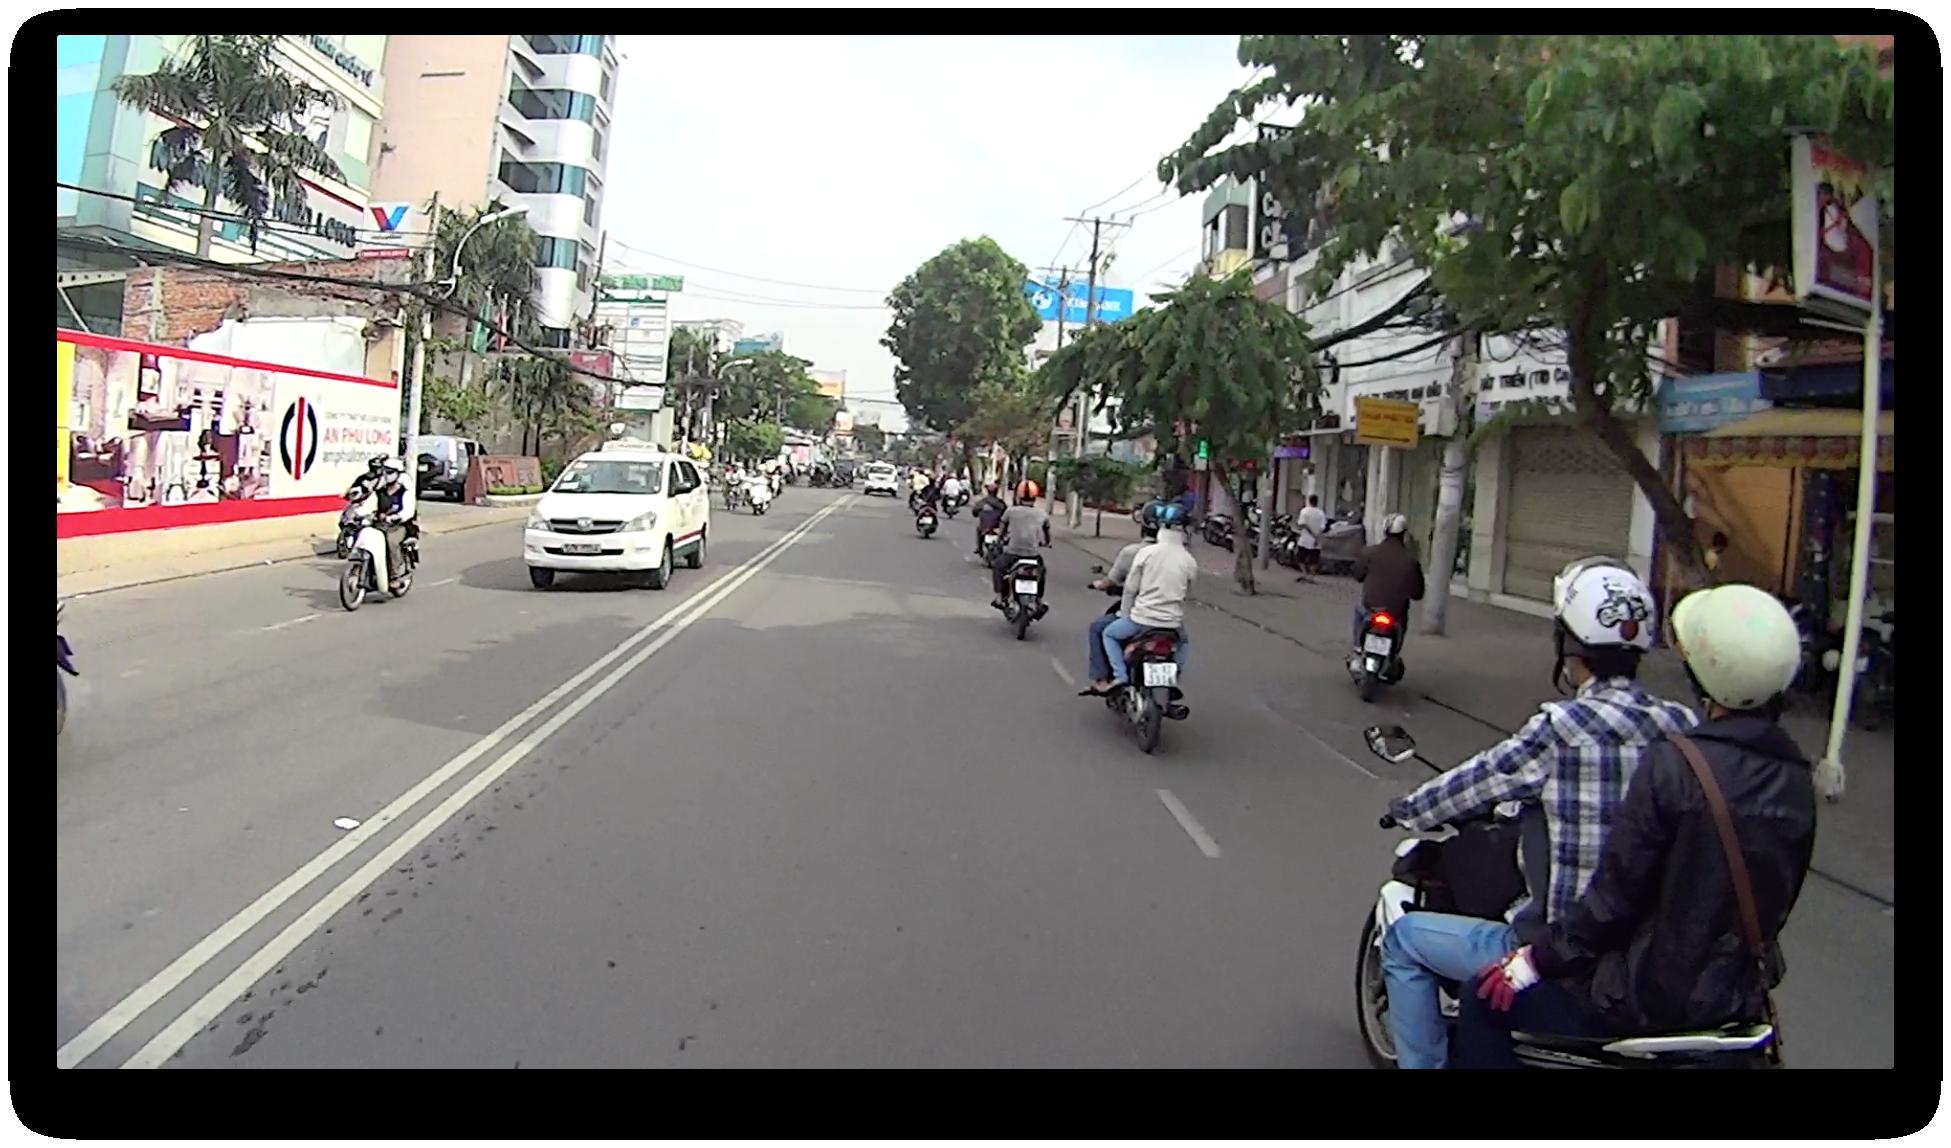 Screen Shot 2012-12-19 at 2.30.27 PM.png